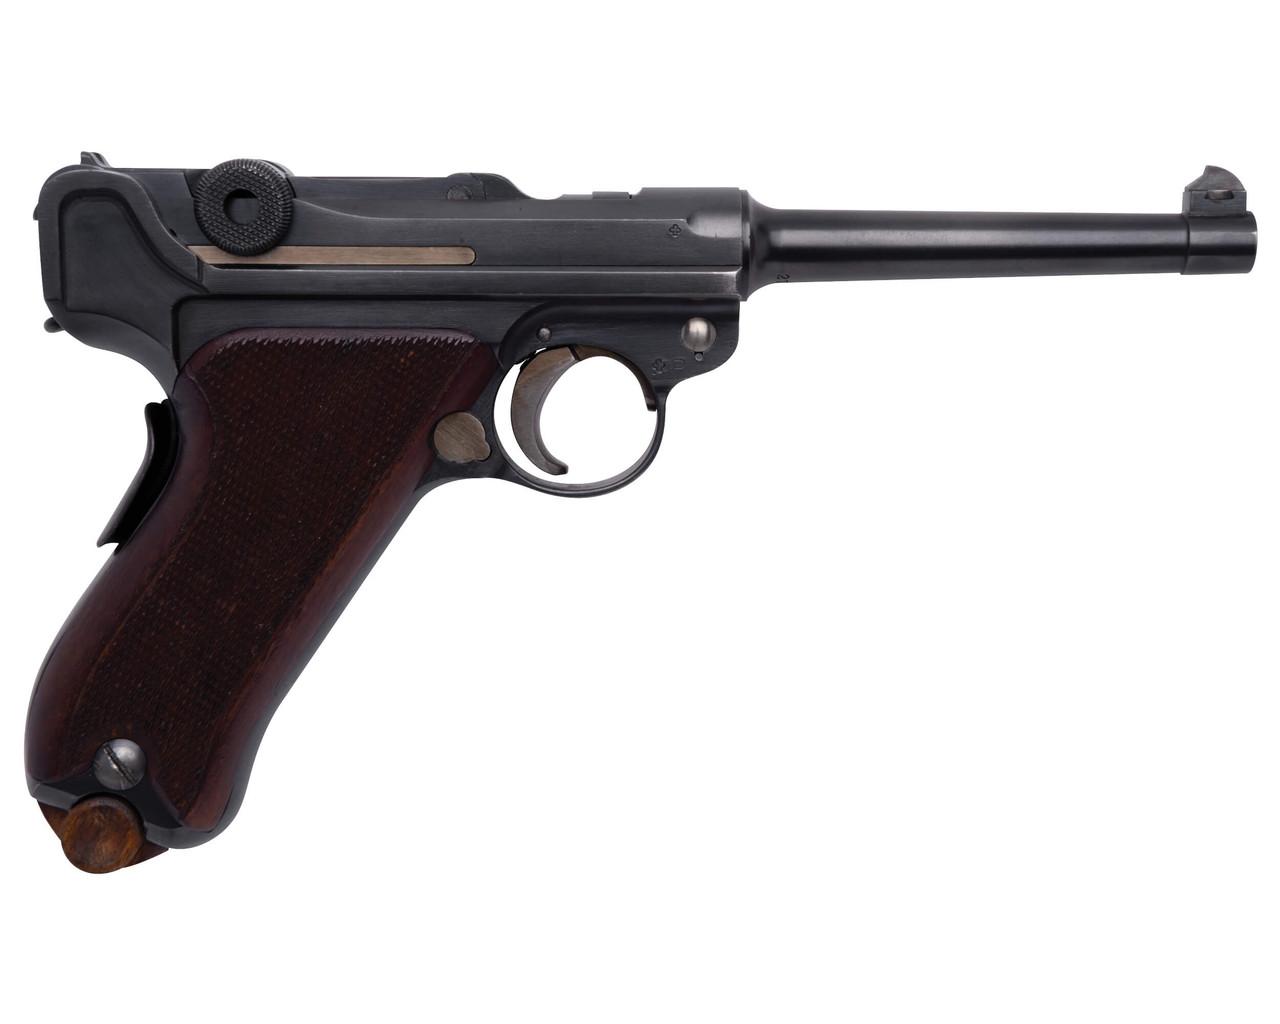 W+F Bern Swiss 06/24 Luger - sn 27xx7